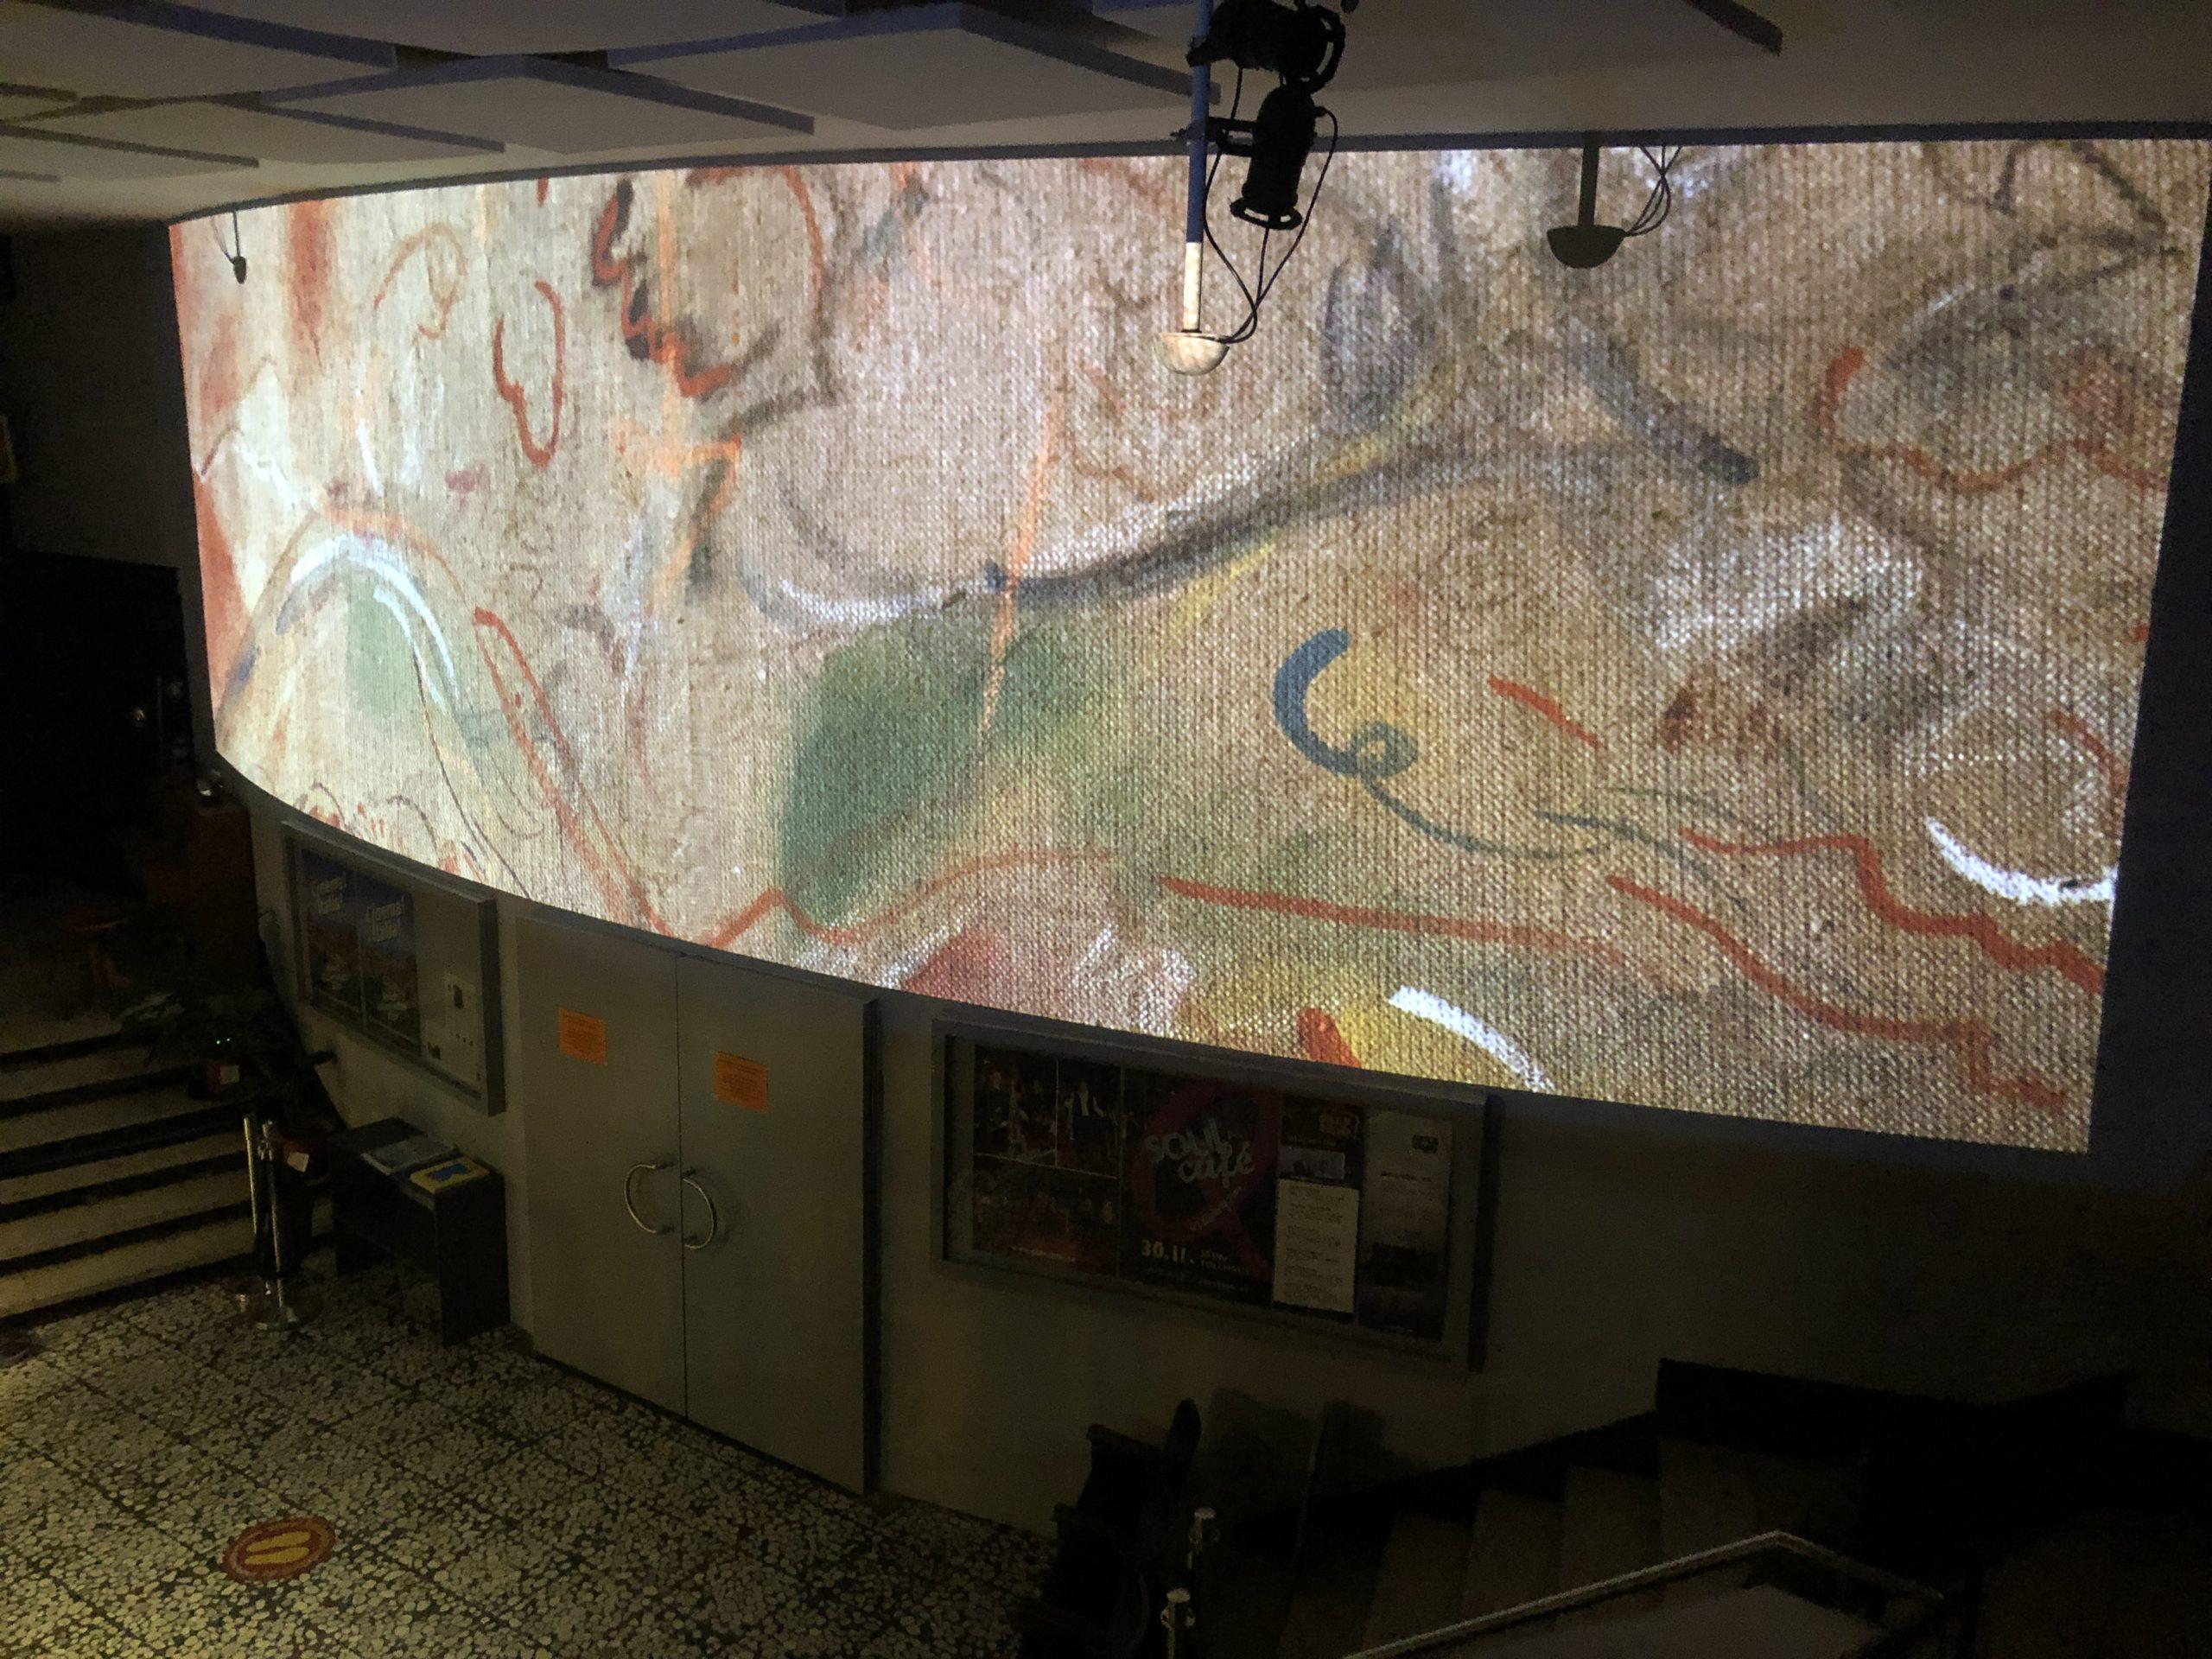 ‹Reflection of the Projection – Ein Kontemplationsraum› von Didi Müller in der Kinemathek Karlsruhe